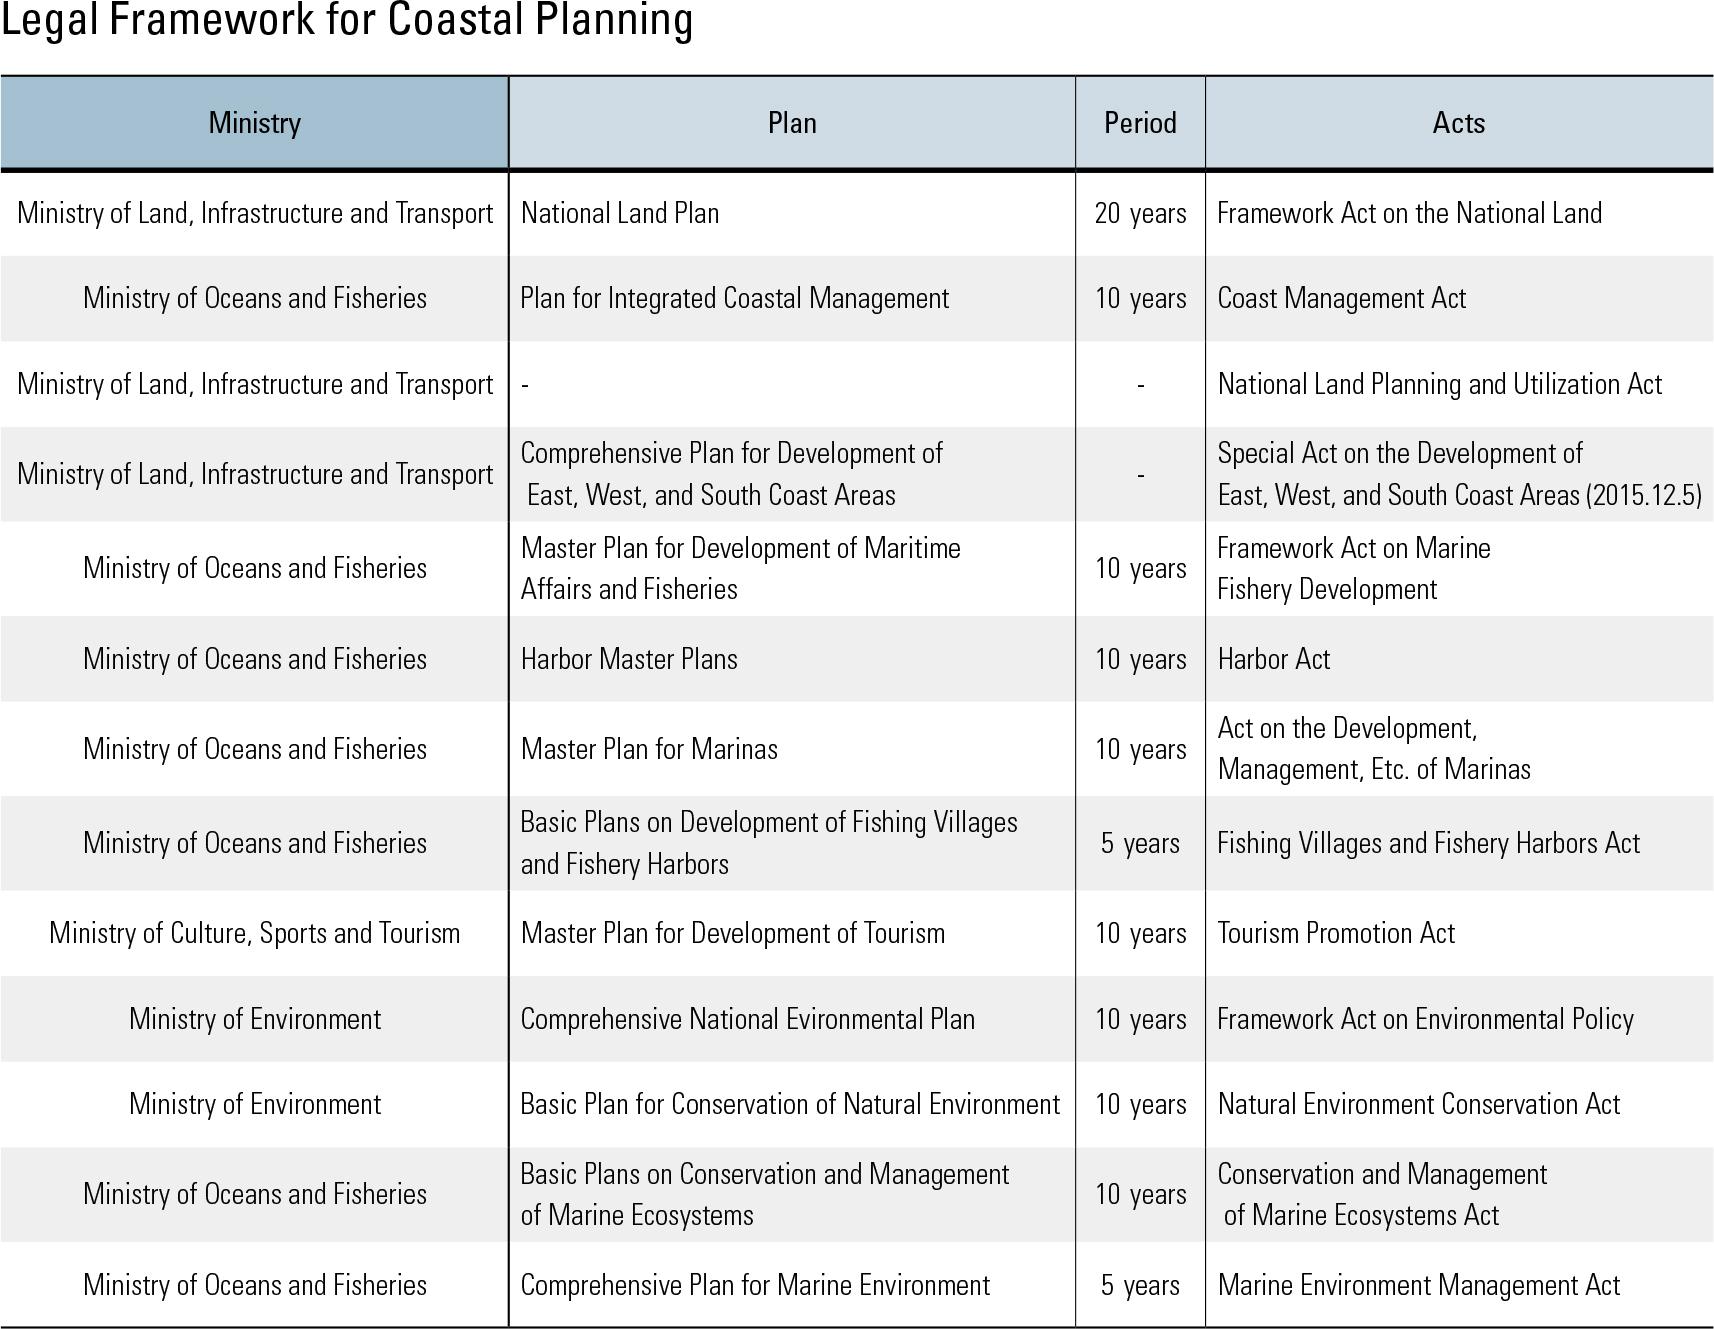 Legal Framework for Coastal Planning